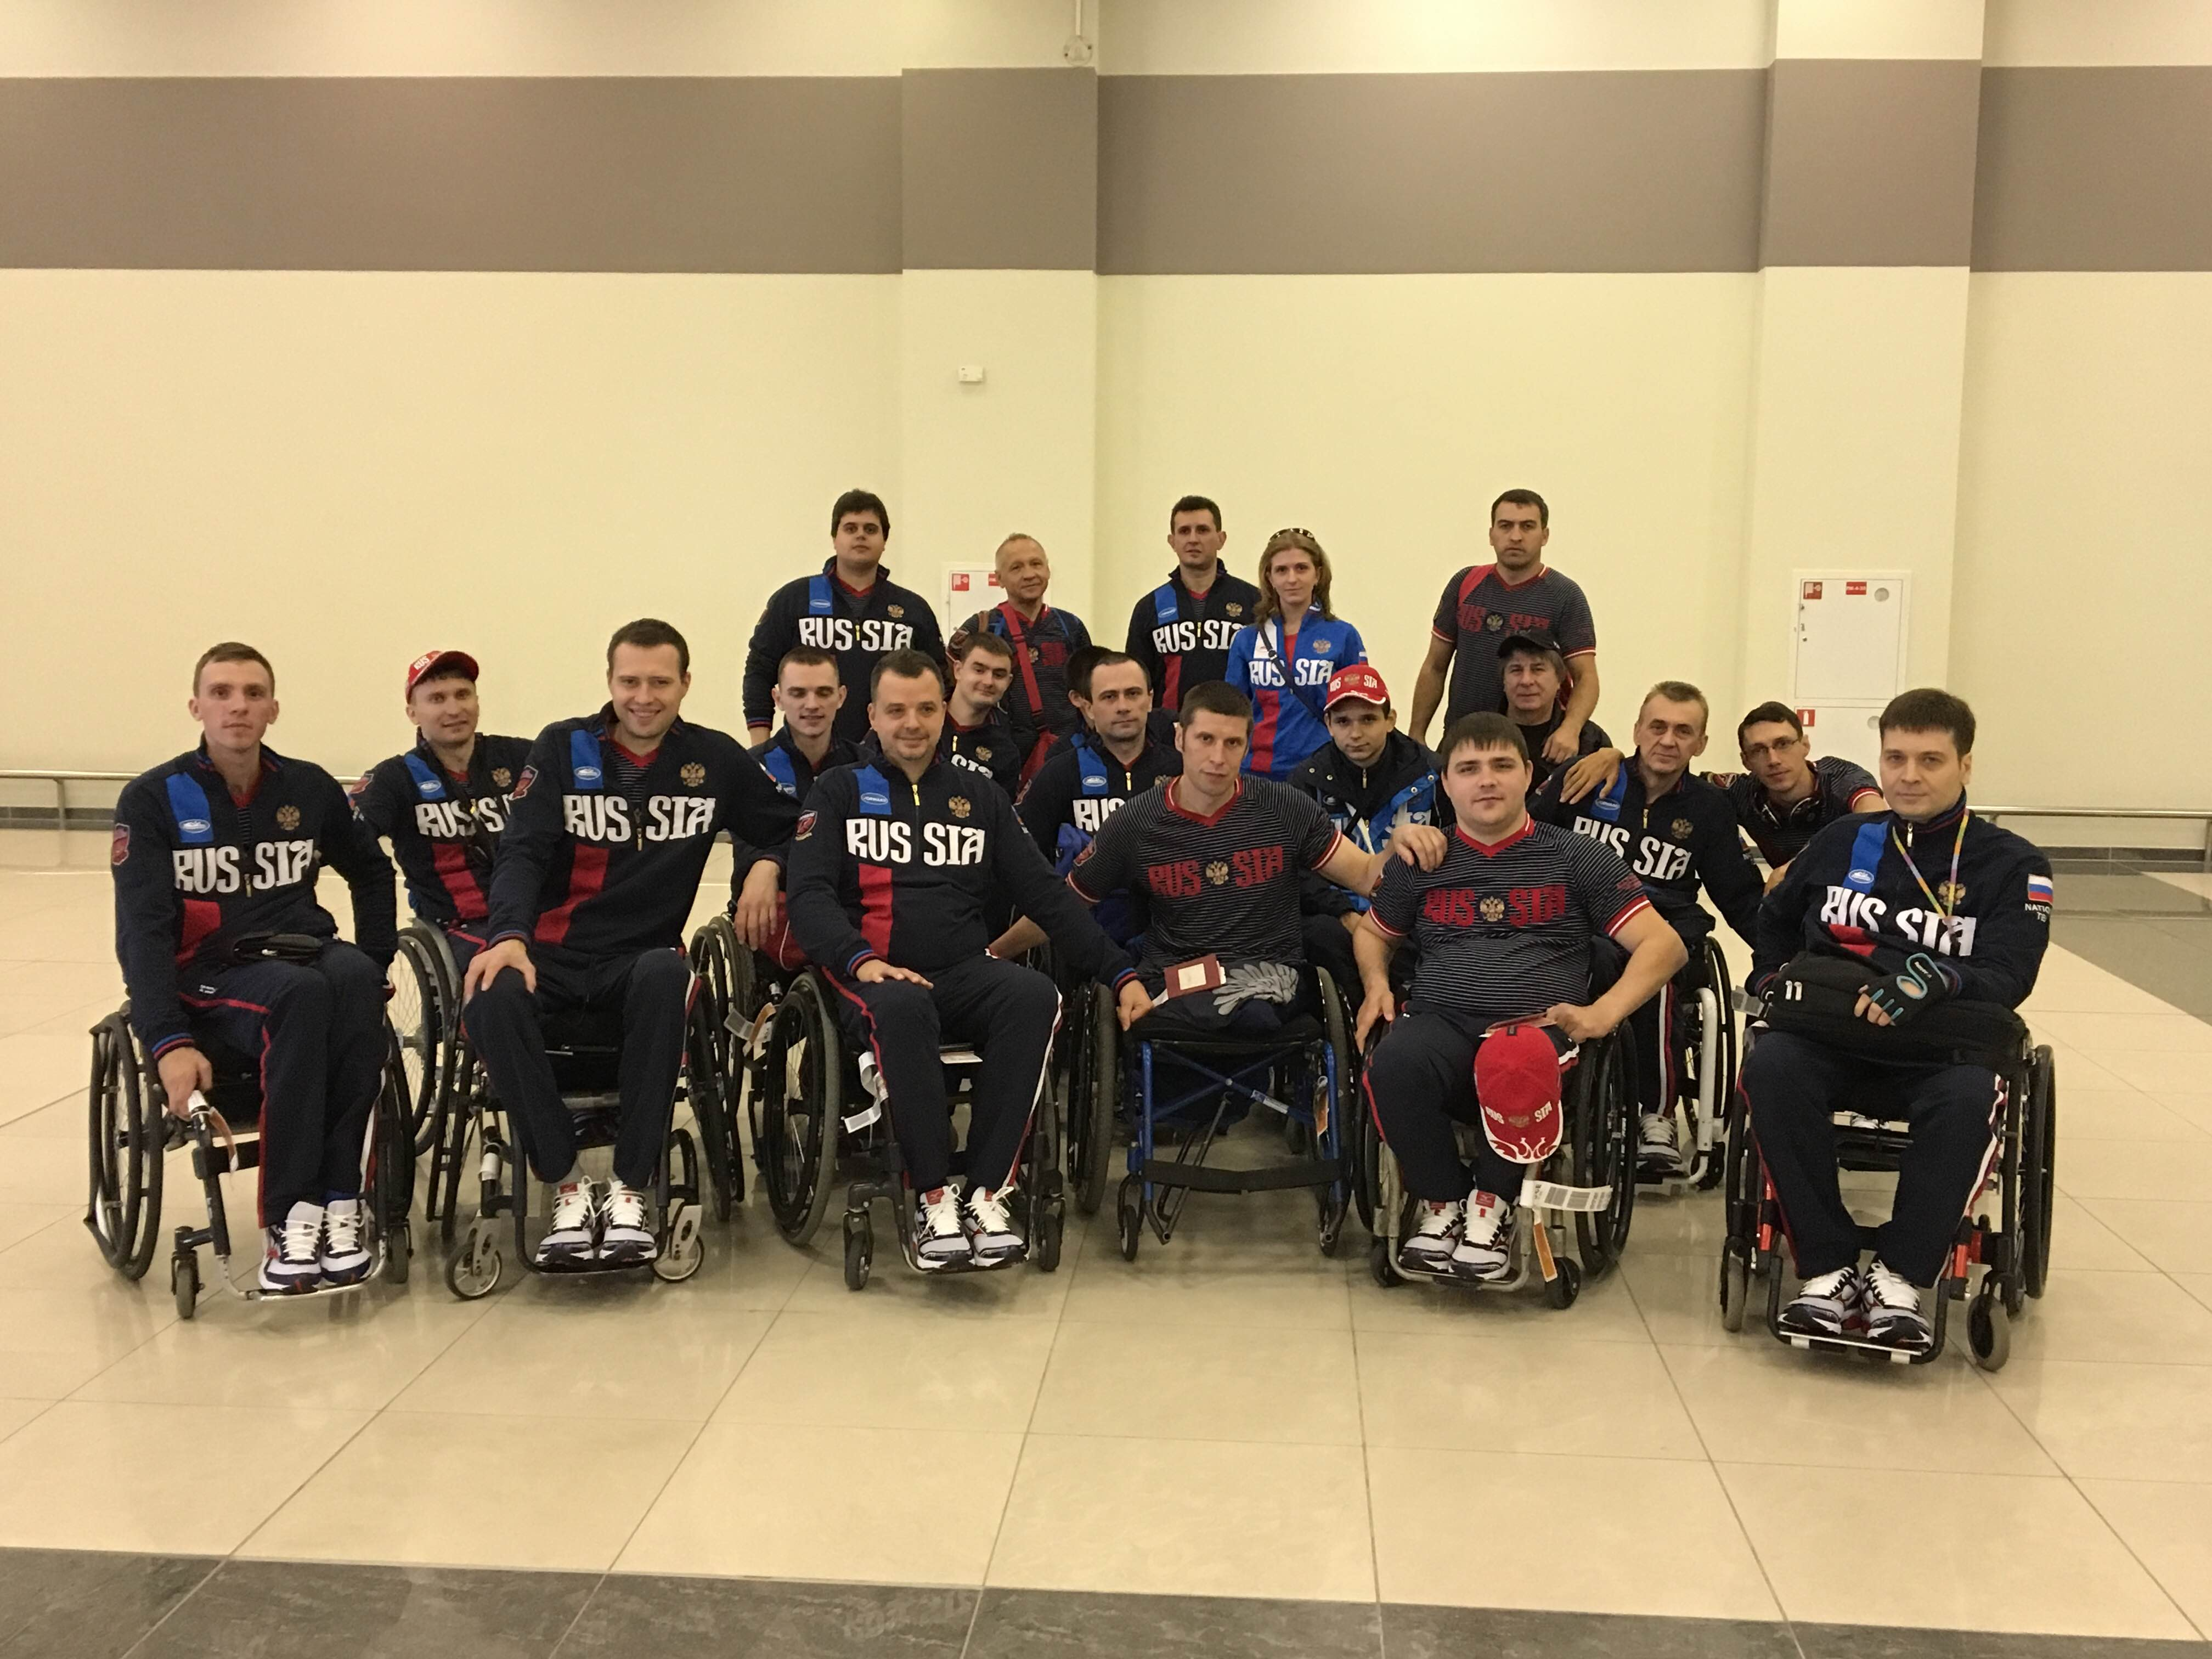 Сборная команда России по регби на колясках вылетела в Италию для участия в чемпионате Европы в группе С